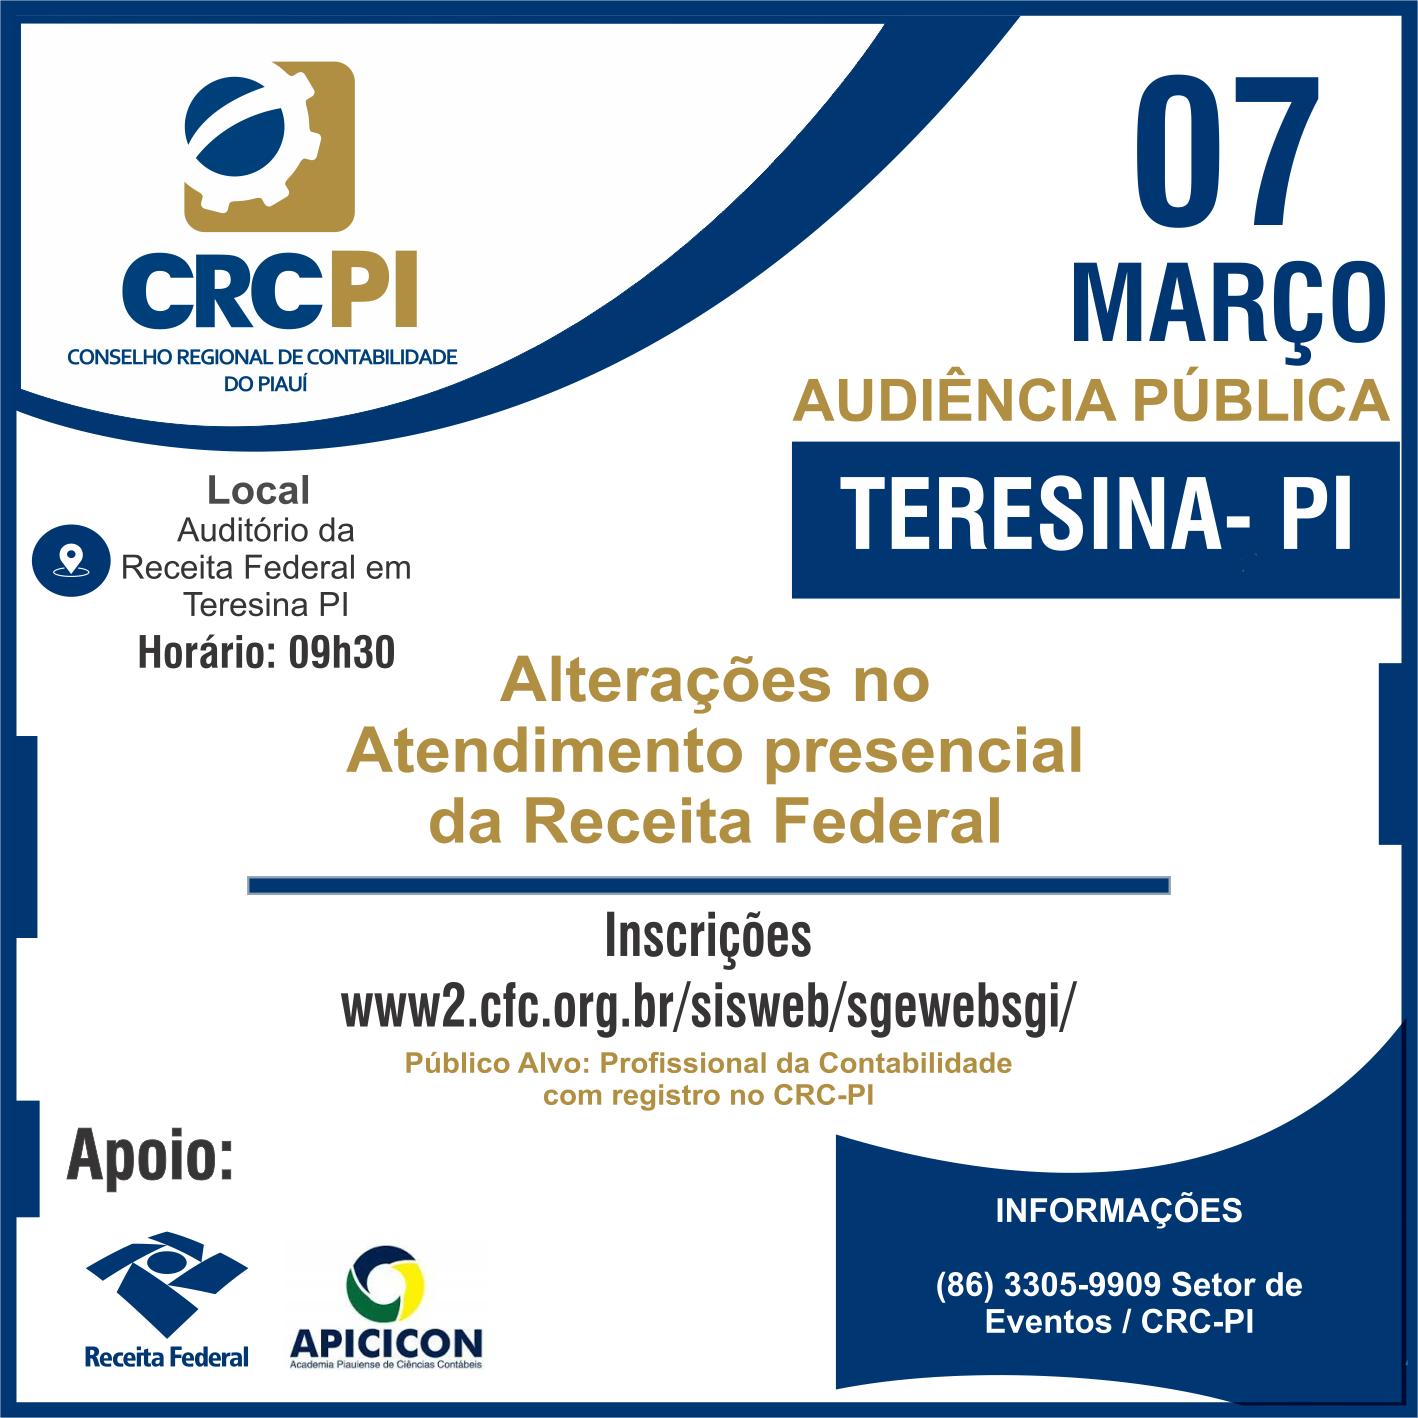 CRC-PI promove audiência pública para falar sobre as alterações no atendimento presencial da Receita Federal